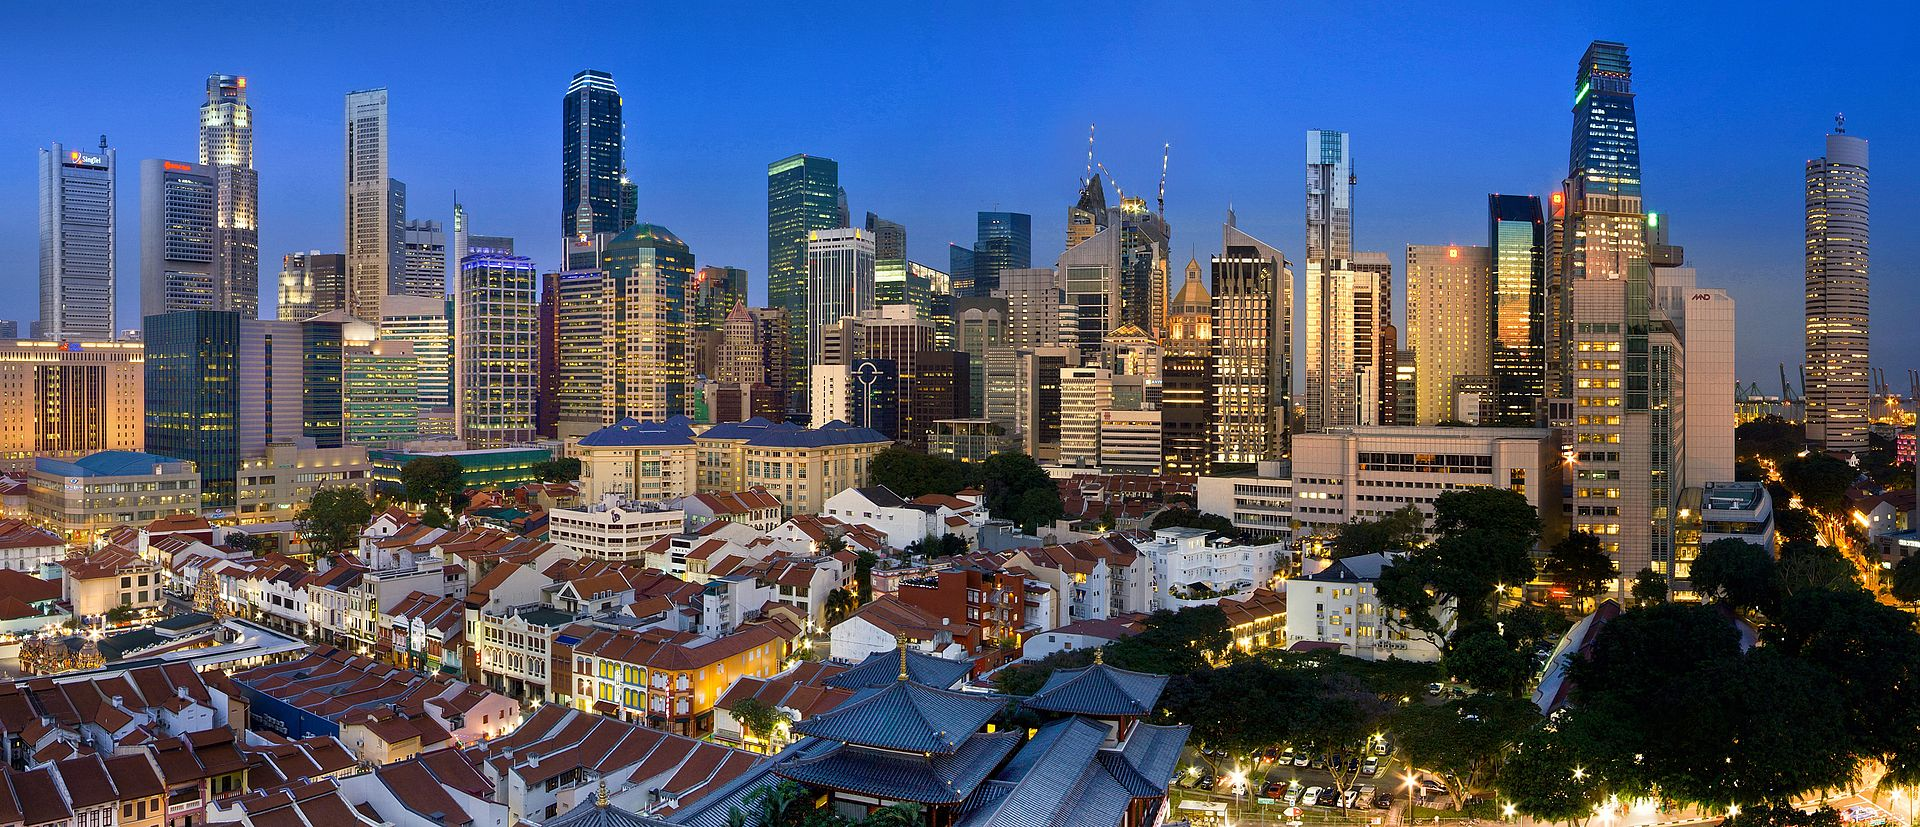 Singapore la apus